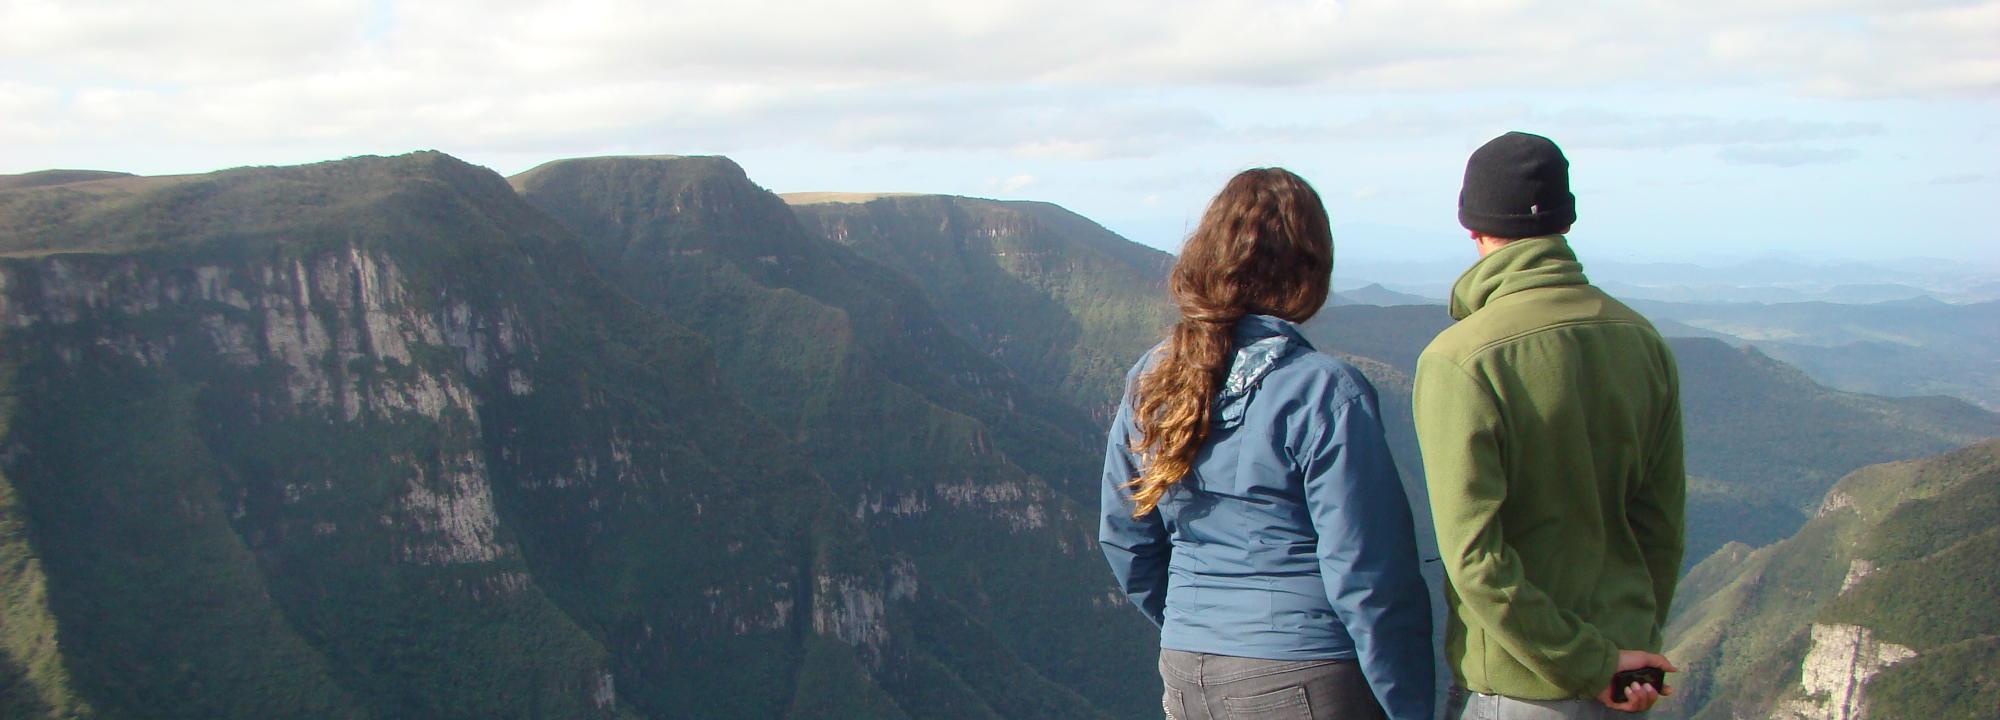 Ecoturismo no inverno - Canions Aparados da Serra